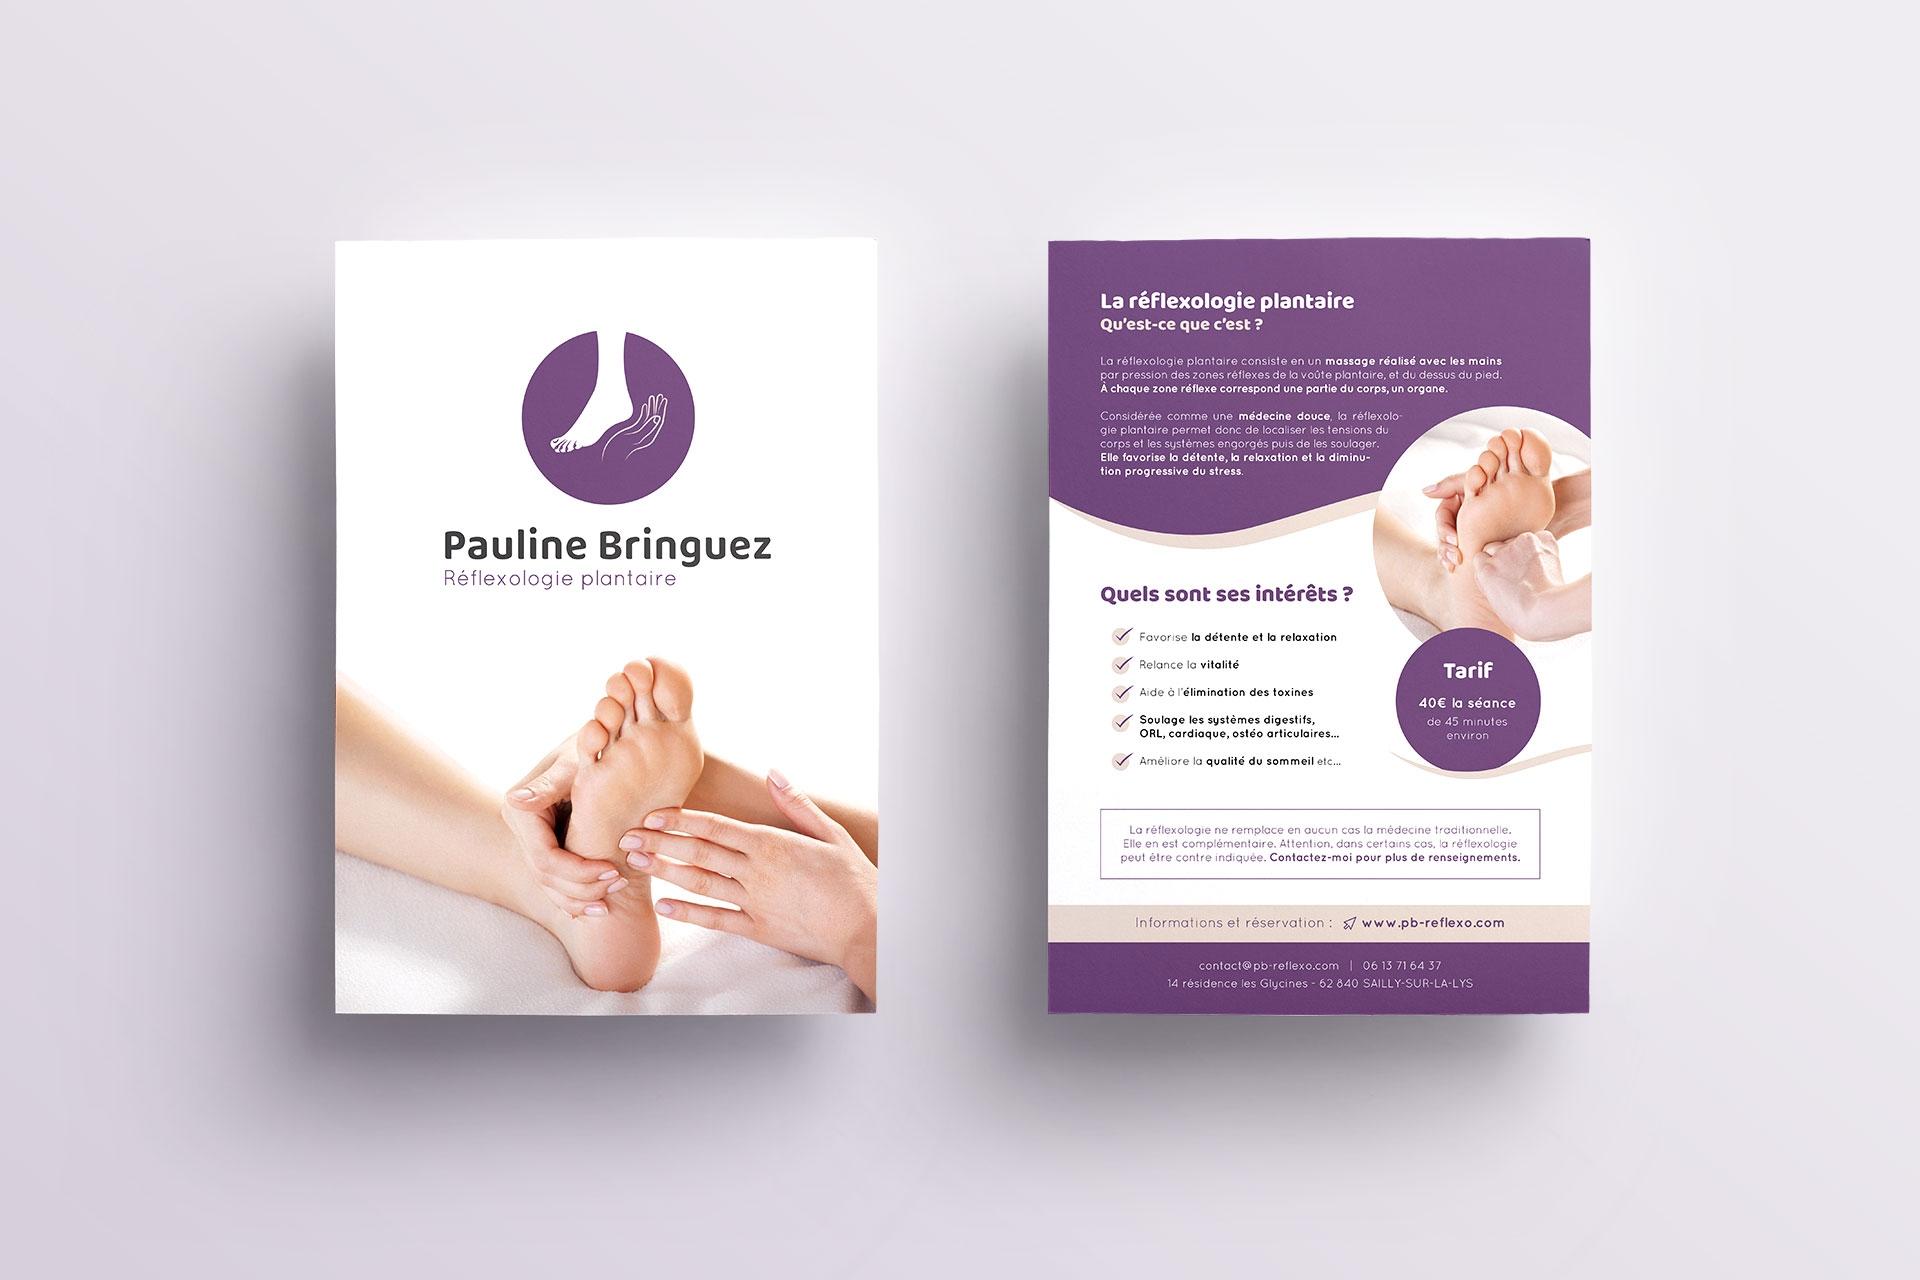 professionnels-print-supports-com-pbreflexo-01